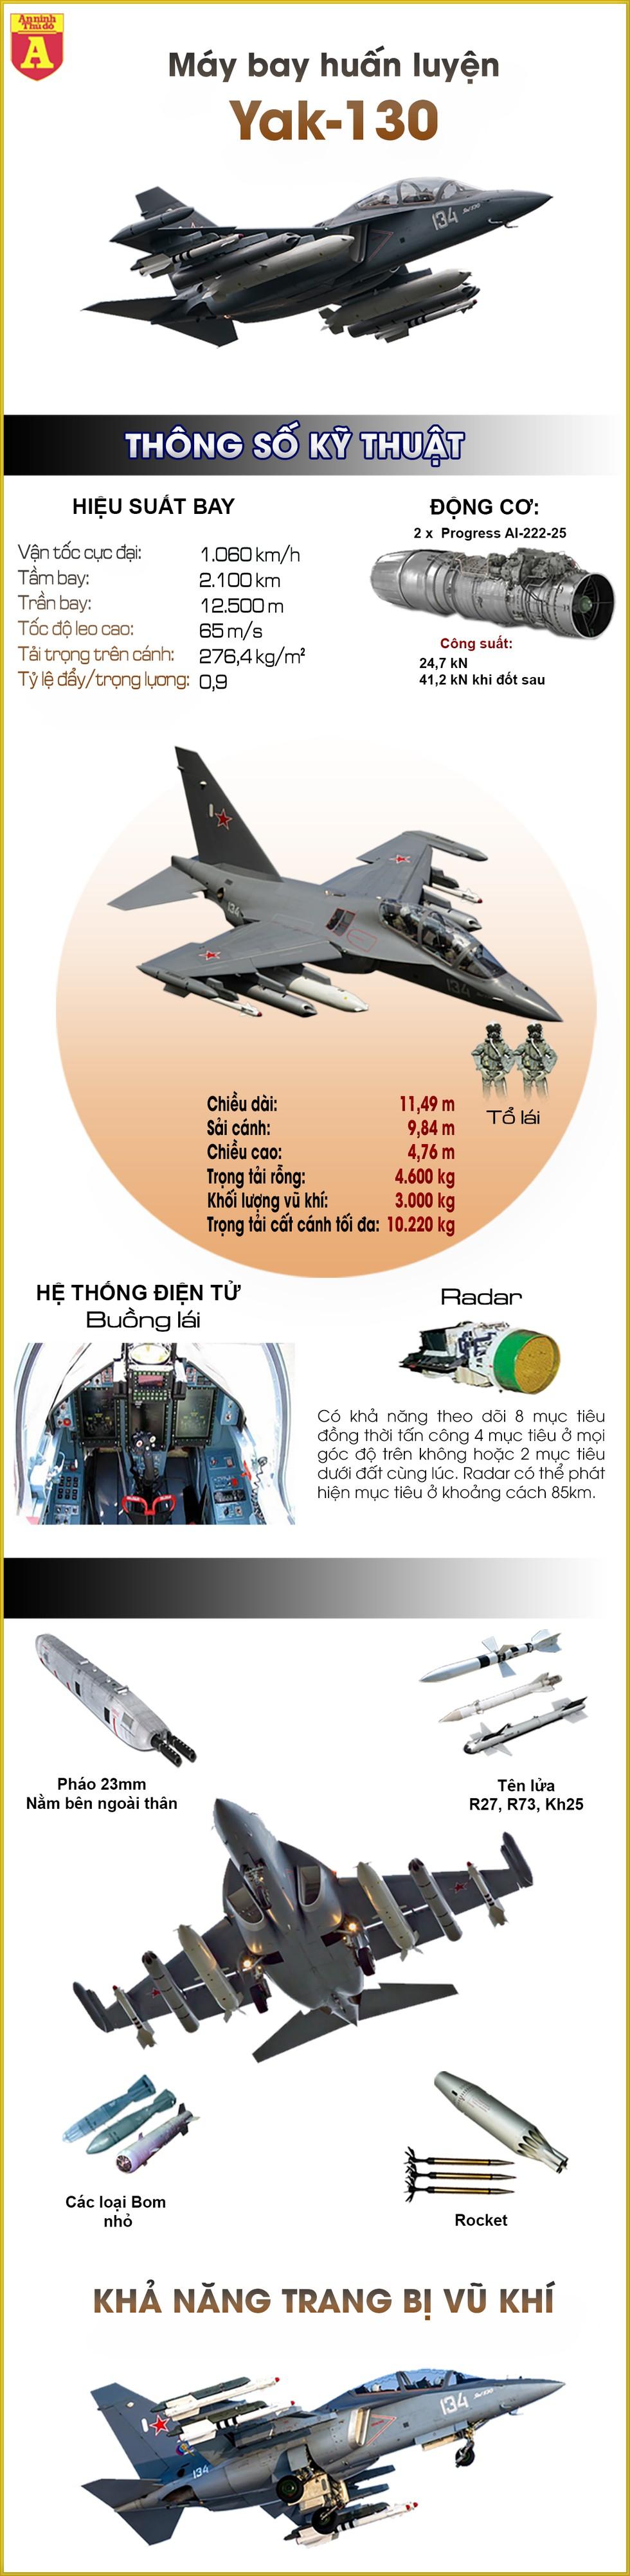 [Infographics] Có Yak-130, Việt Nam sở hữu dòng máy bay huấn luyện hàng đầu thế giới - Ảnh 1